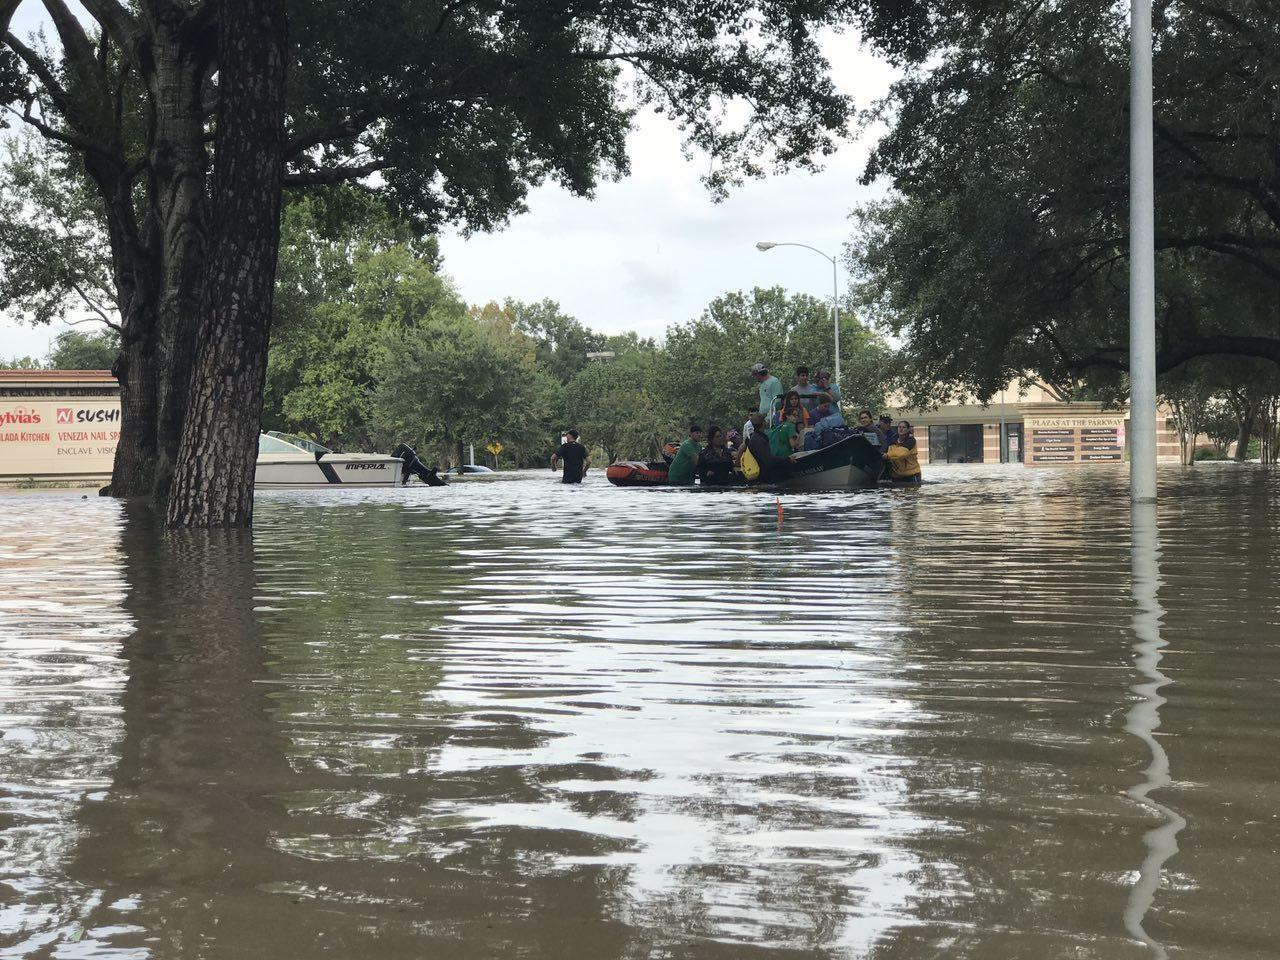 برقراری حکومت نظامی در هیوستون تگزاس